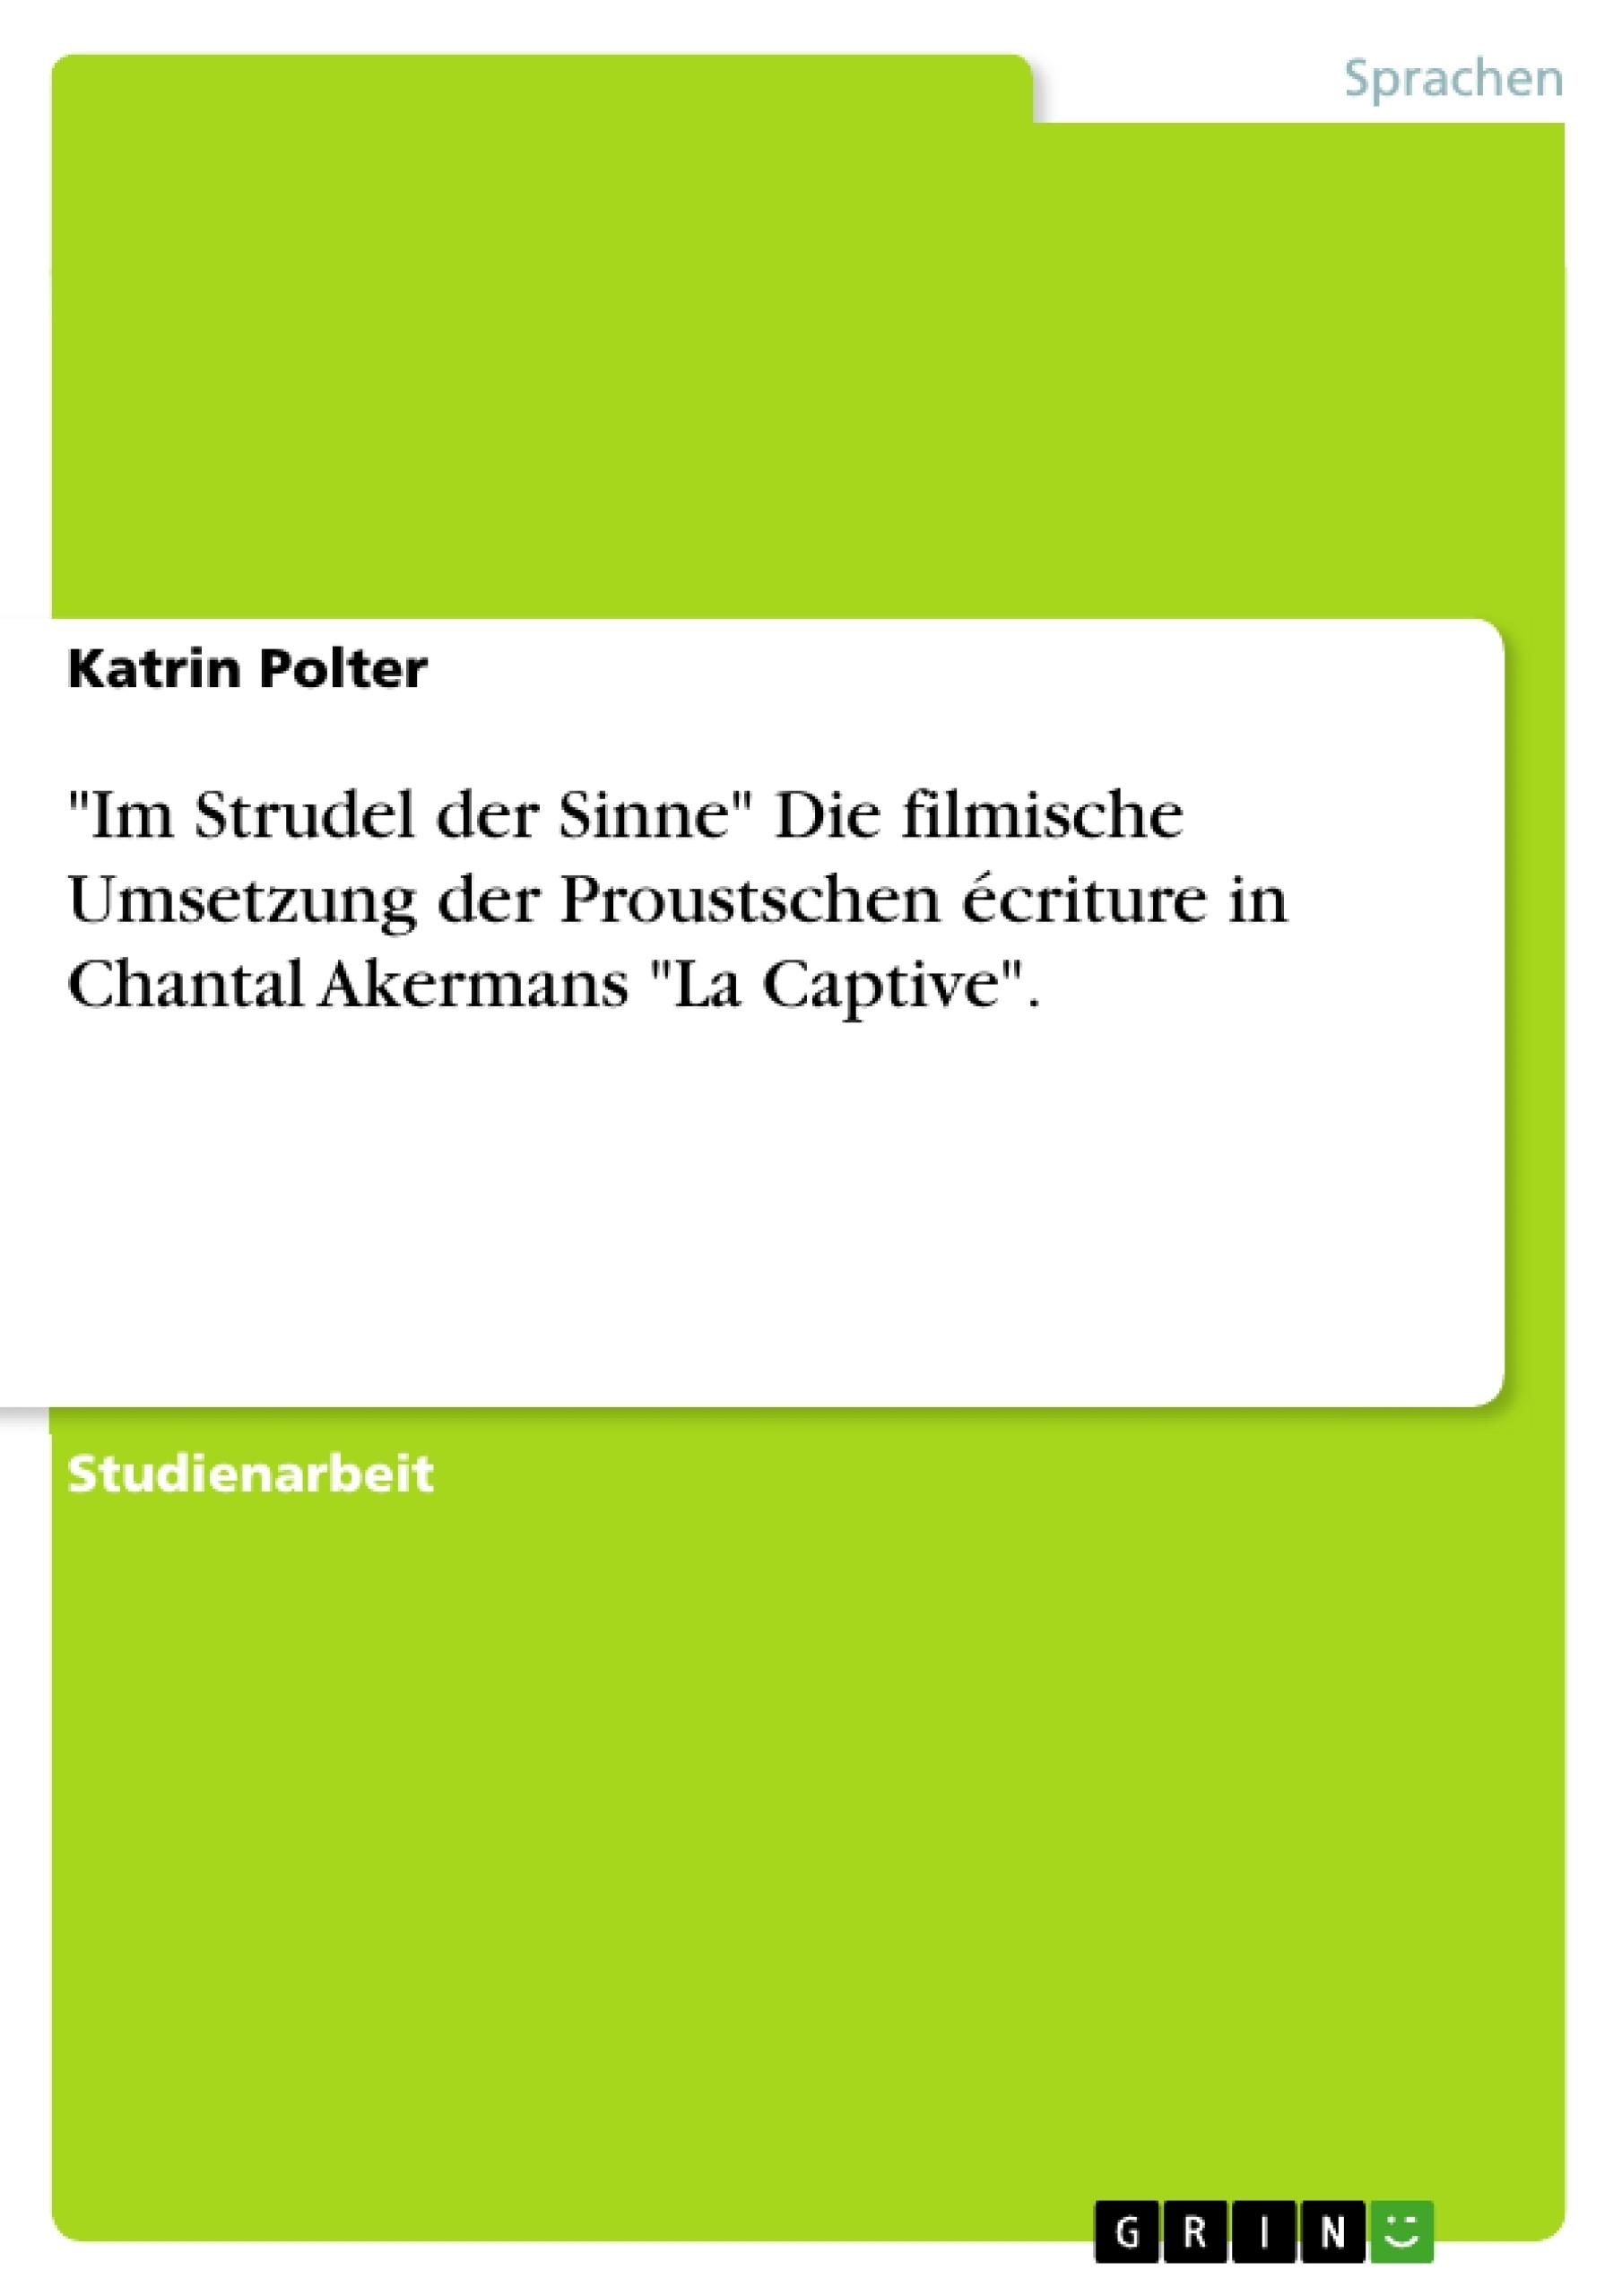 """Titel: """"Im Strudel der Sinne"""" Die filmische Umsetzung der Proustschen écriture in Chantal Akermans """"La Captive""""."""